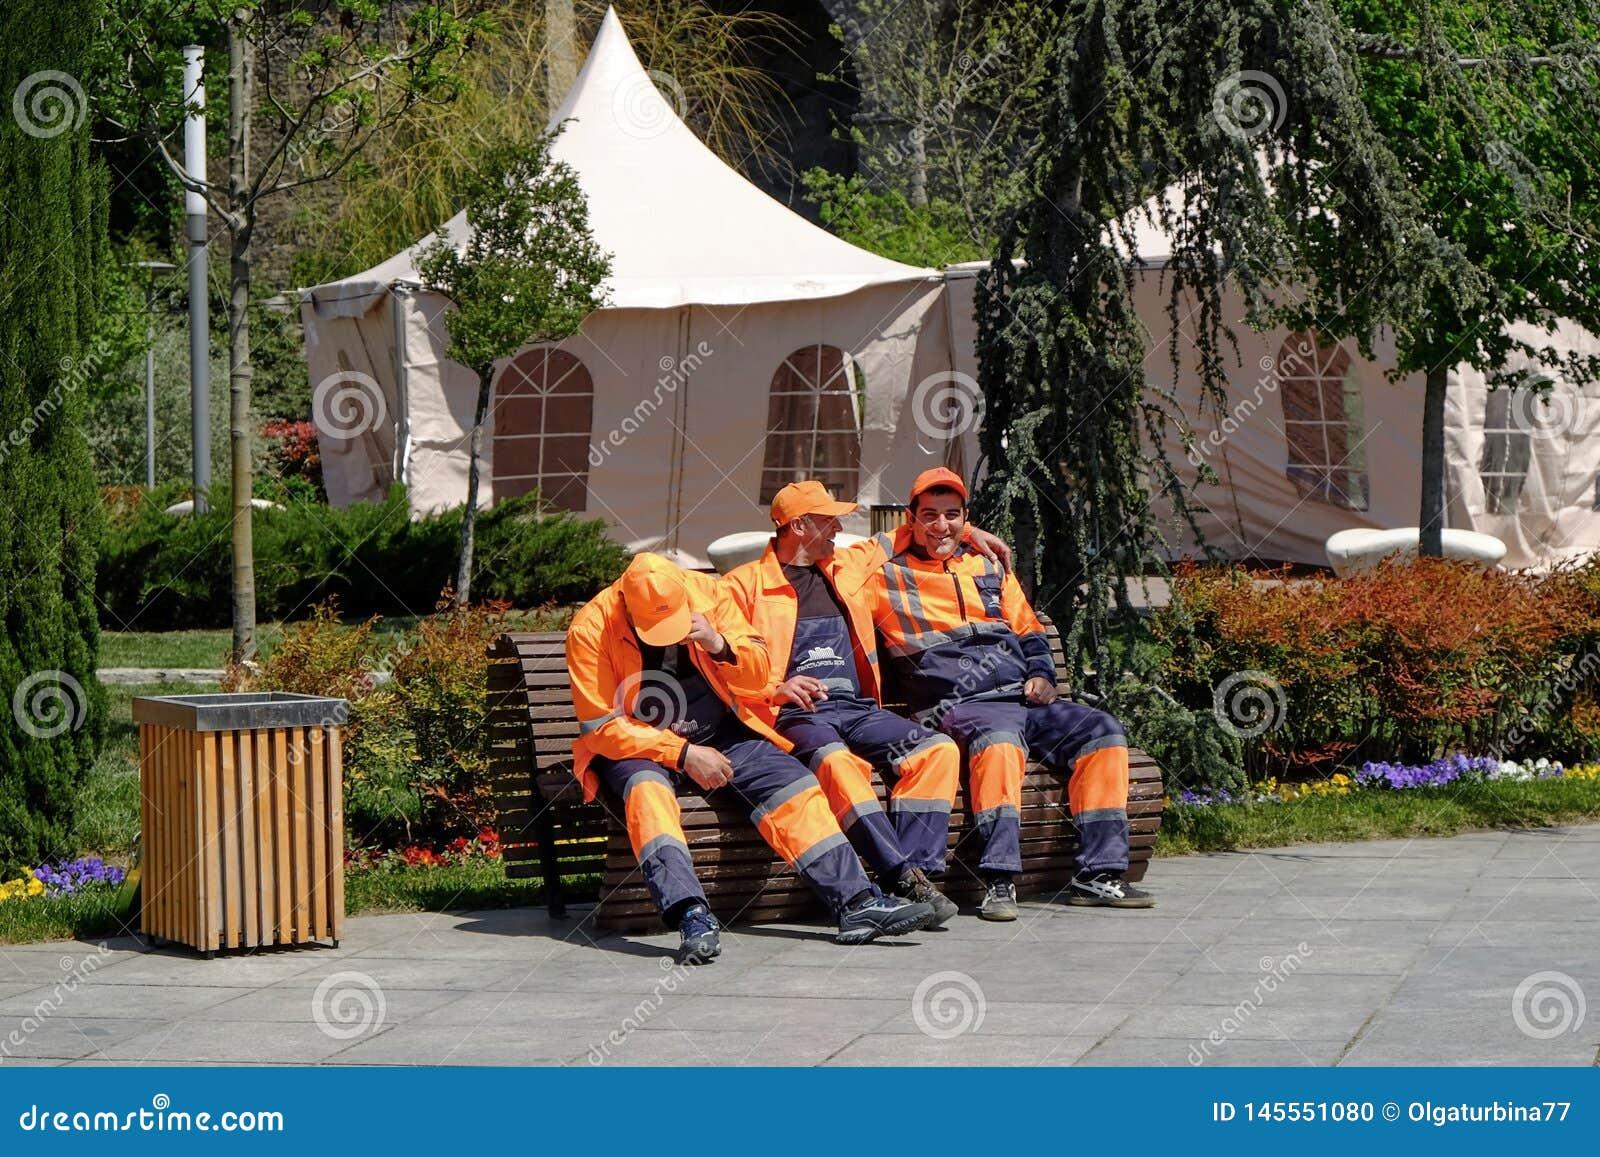 Los trabajadores municipales de la ciudad se están sentando en un banco para el breve descanso después de limpiar el día soleado